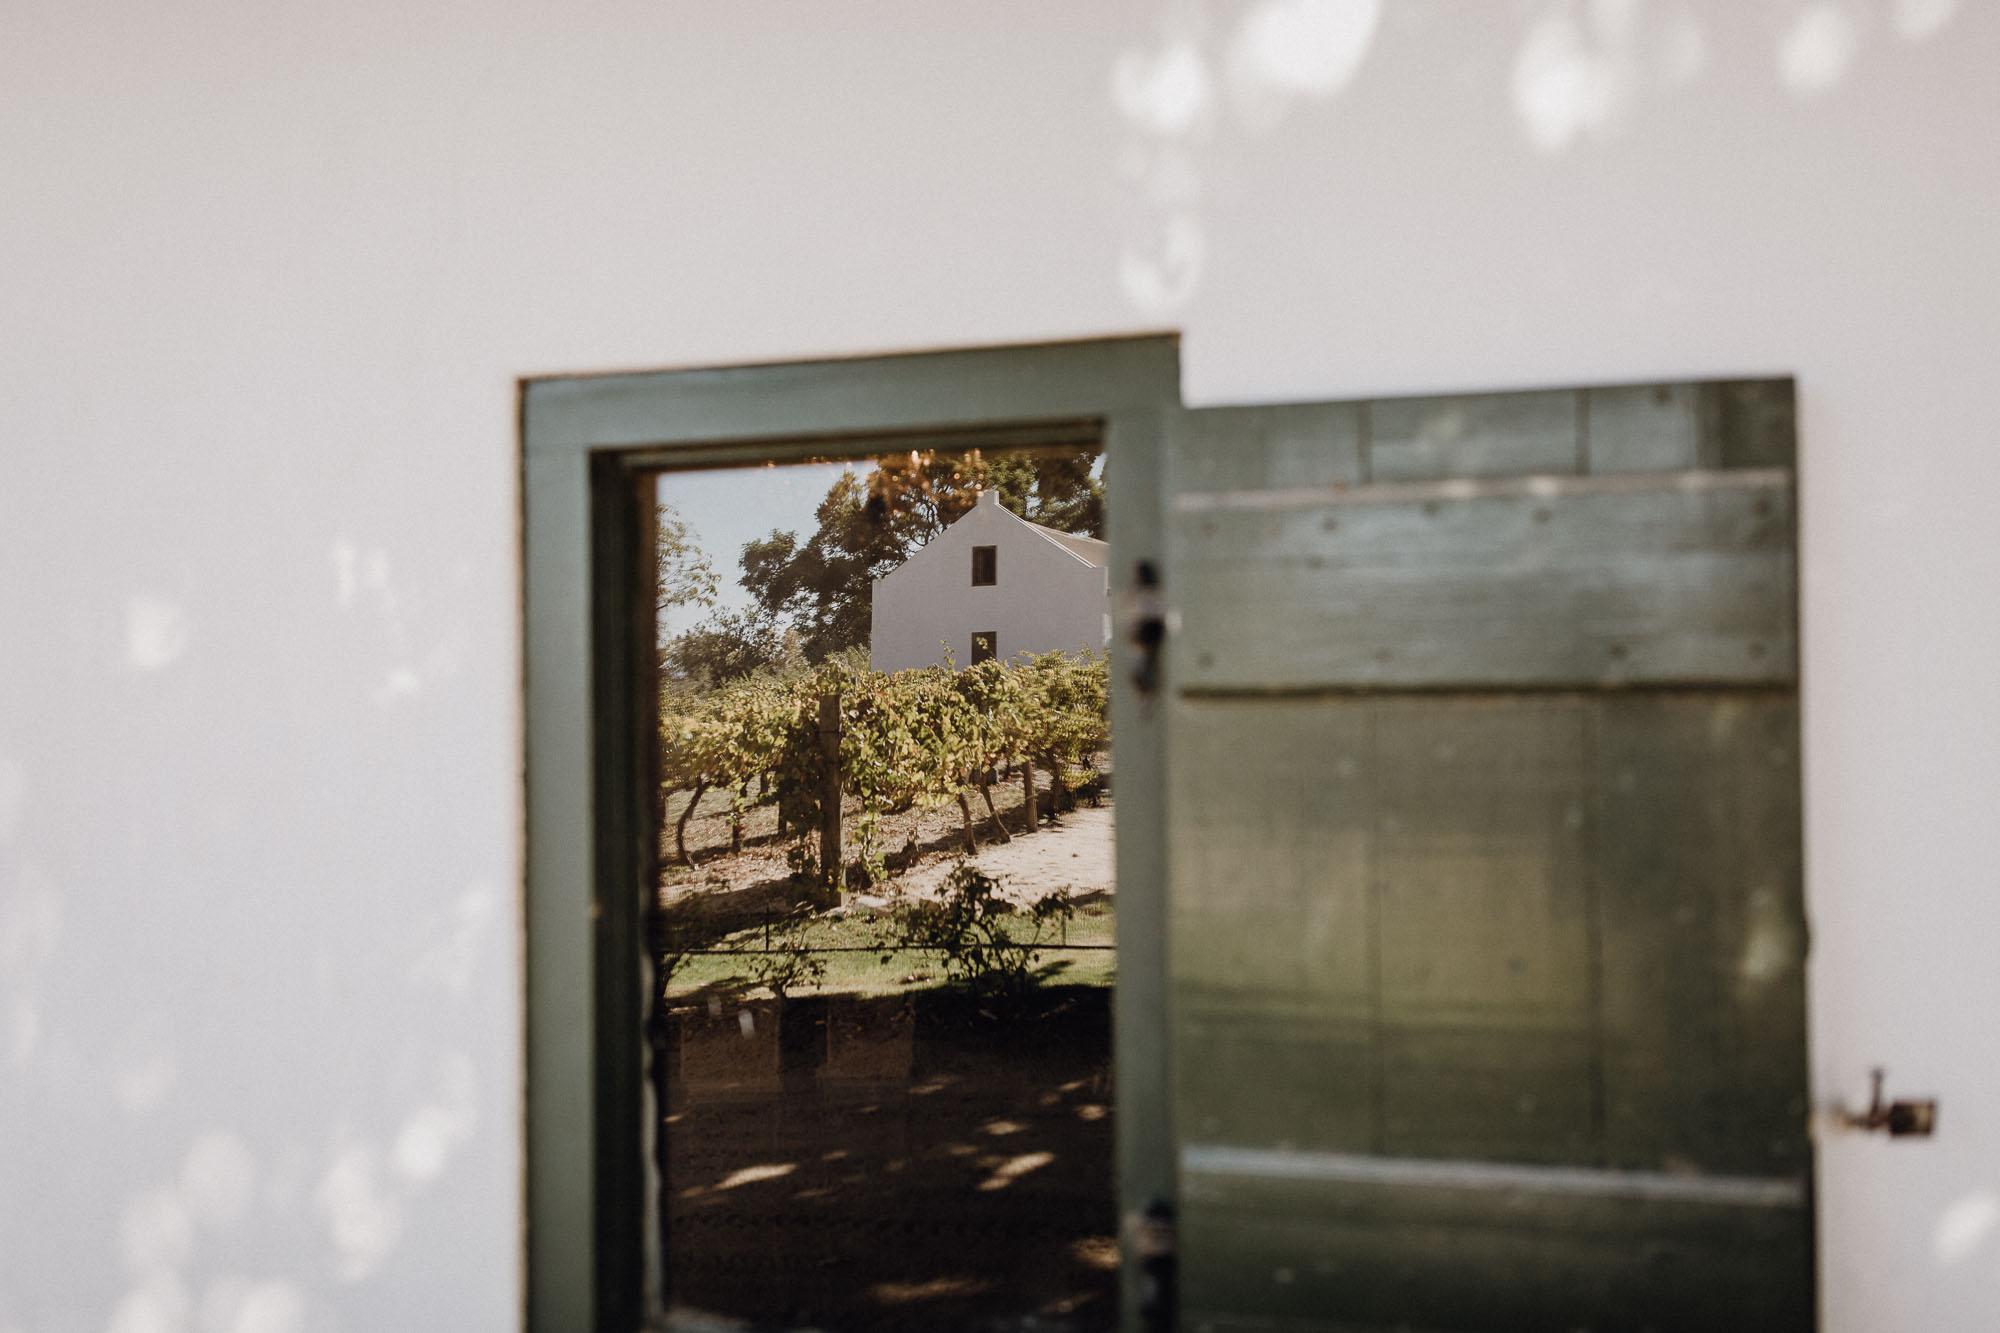 Die Reben spiegeln sich im Fenster